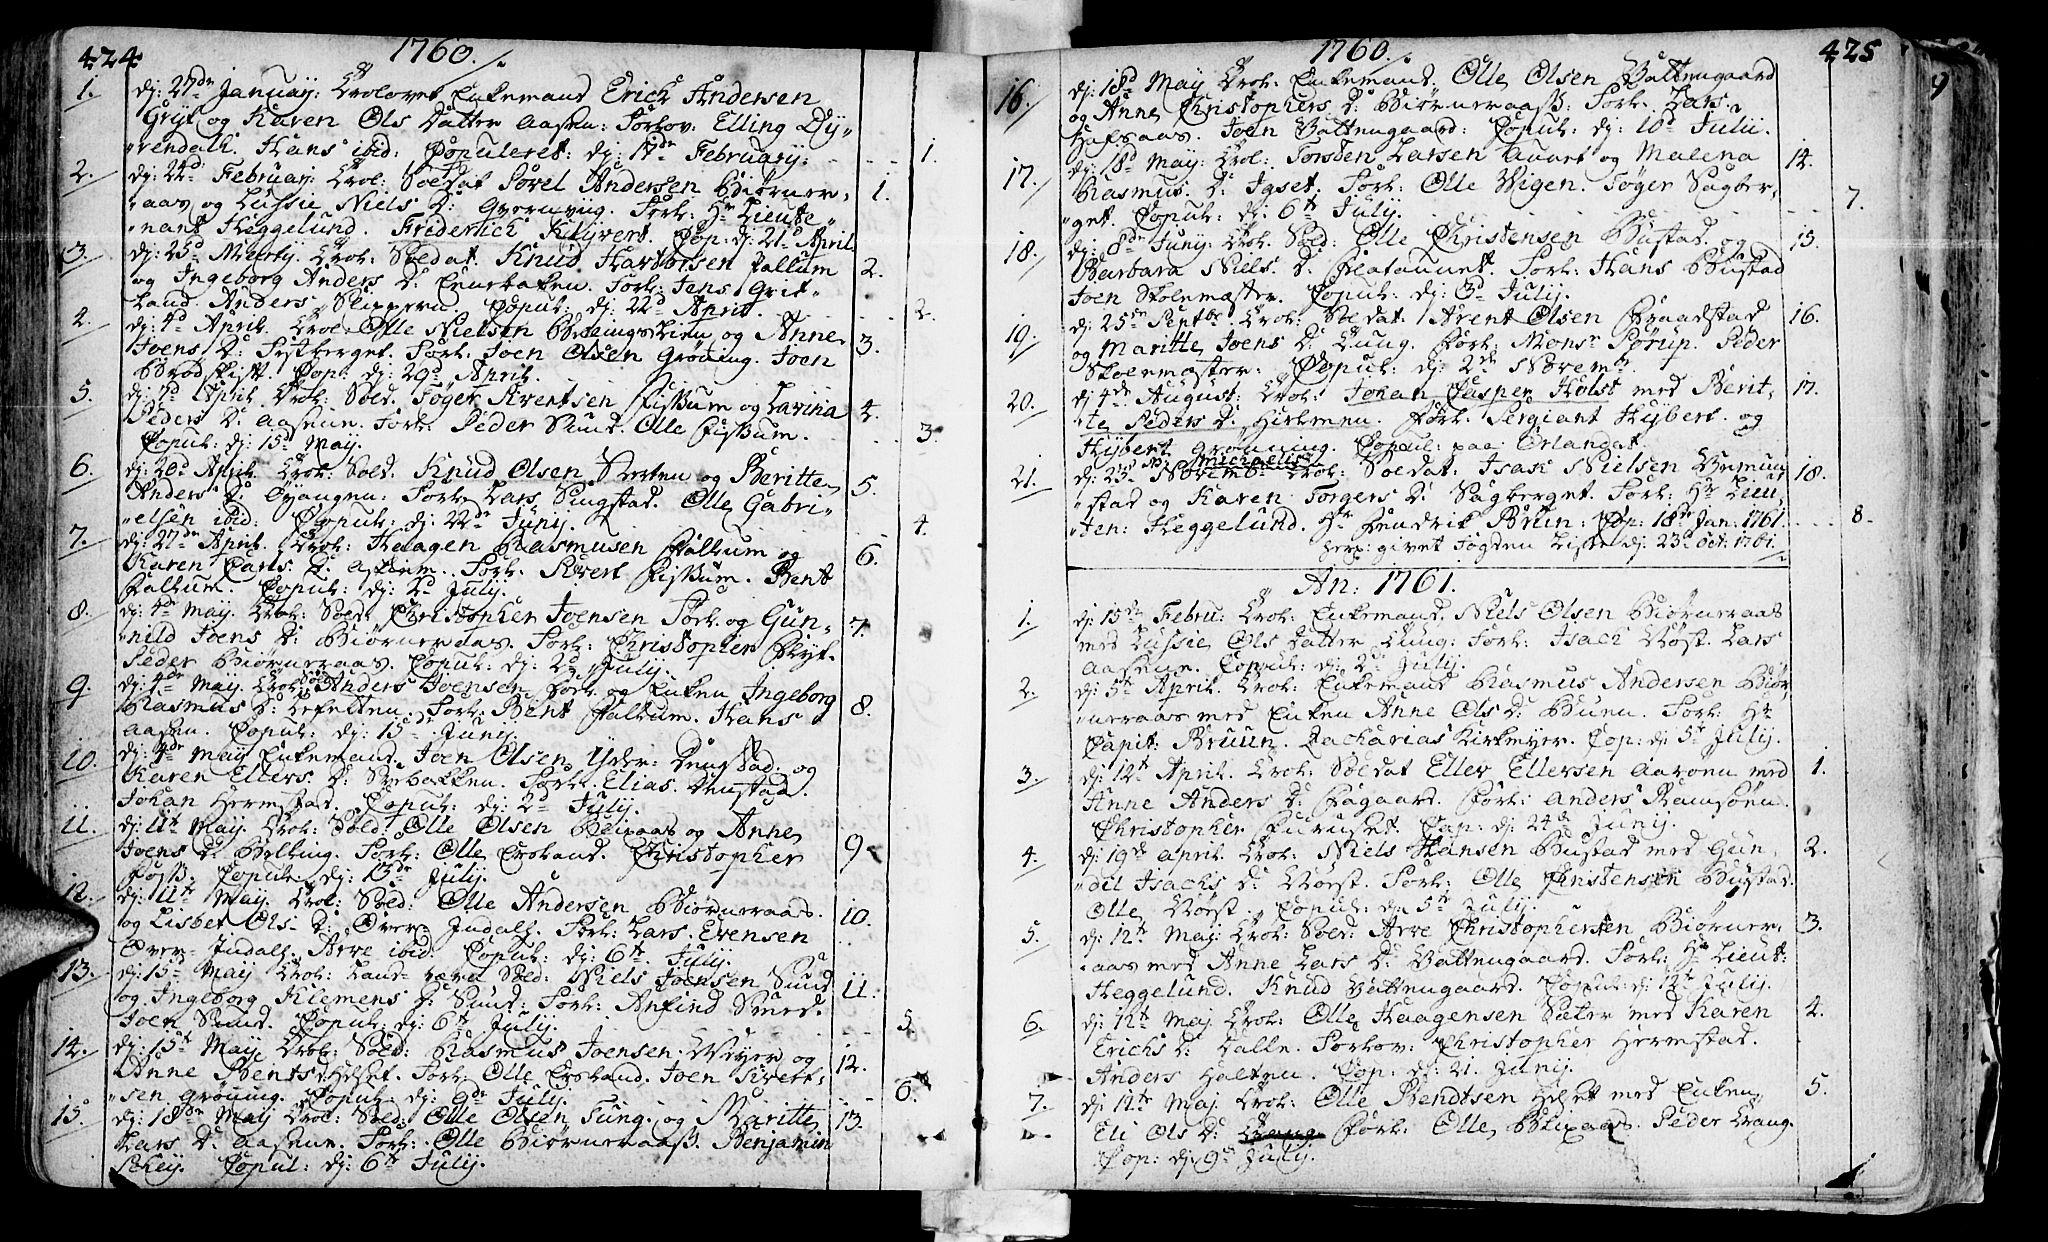 SAT, Ministerialprotokoller, klokkerbøker og fødselsregistre - Sør-Trøndelag, 646/L0605: Ministerialbok nr. 646A03, 1751-1790, s. 424-425